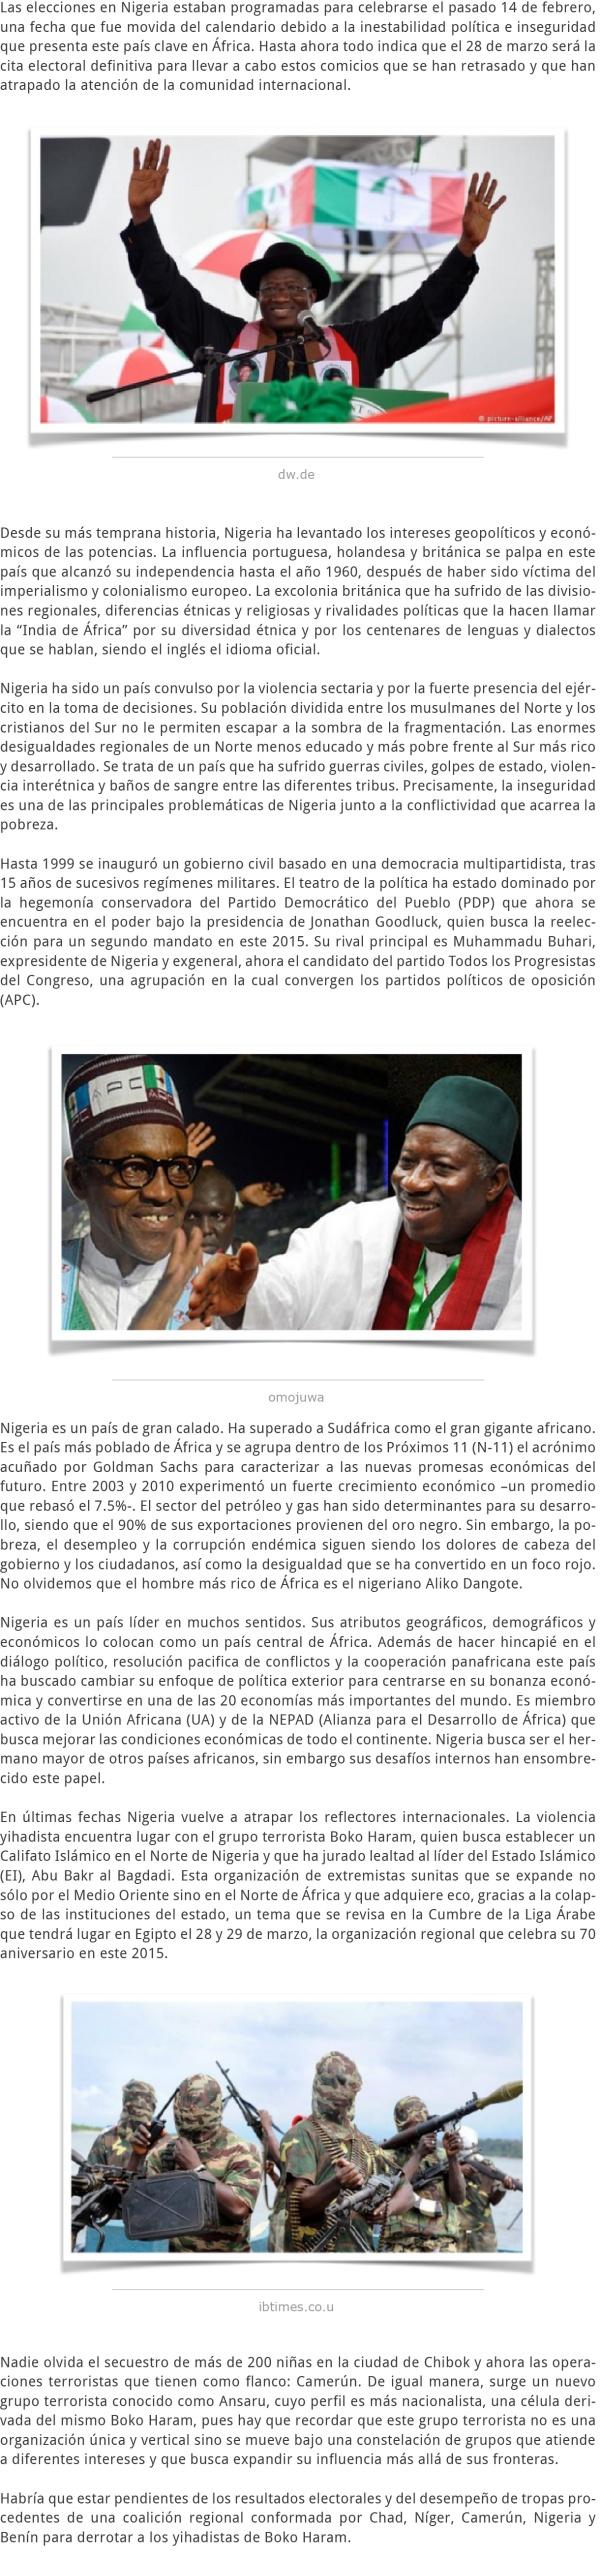 LOS COMICIOS EN NIGERIA ¿LA REELECCIÓN DE JONATHAN GOODLUCK